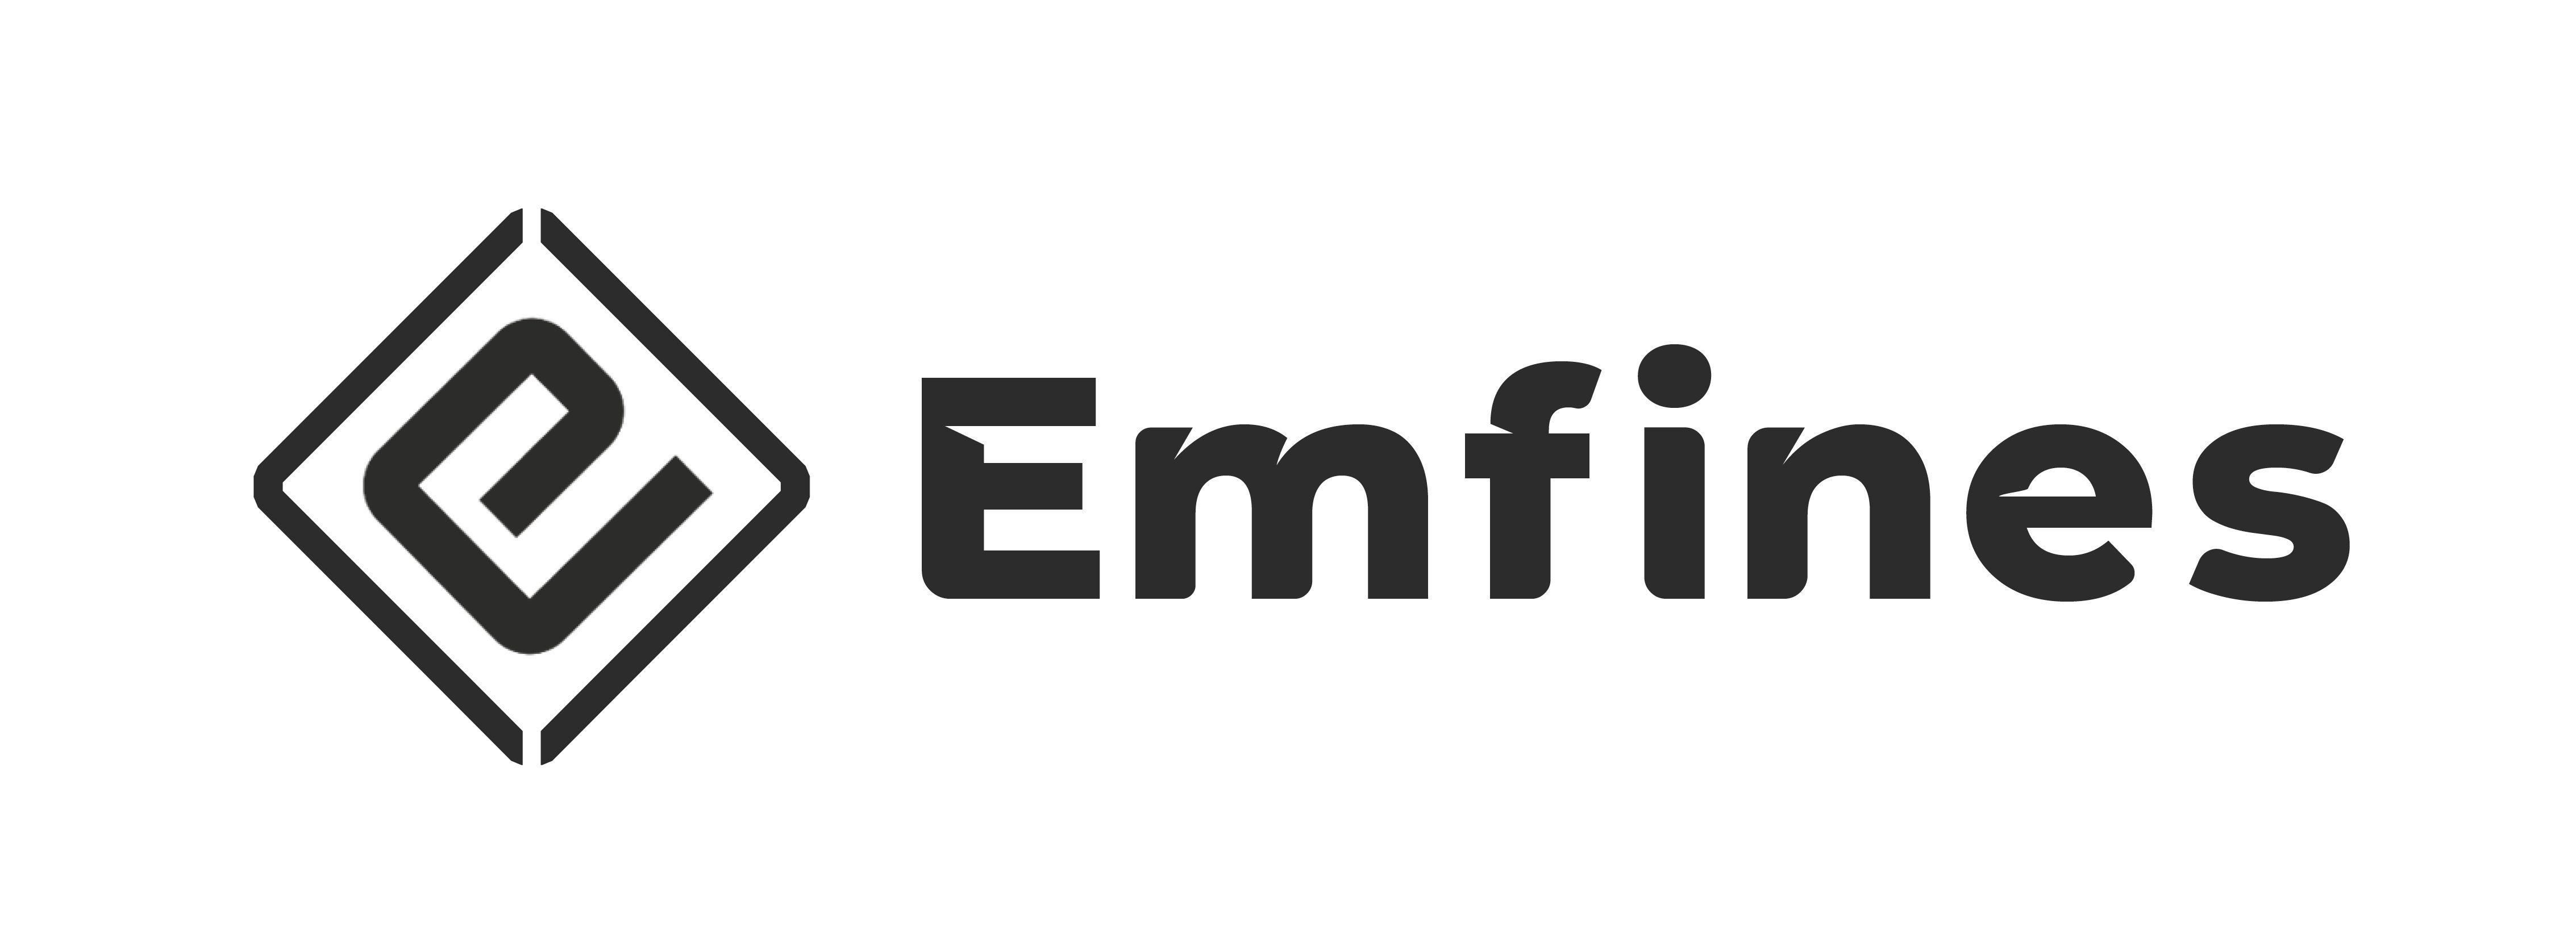 Emfines.com